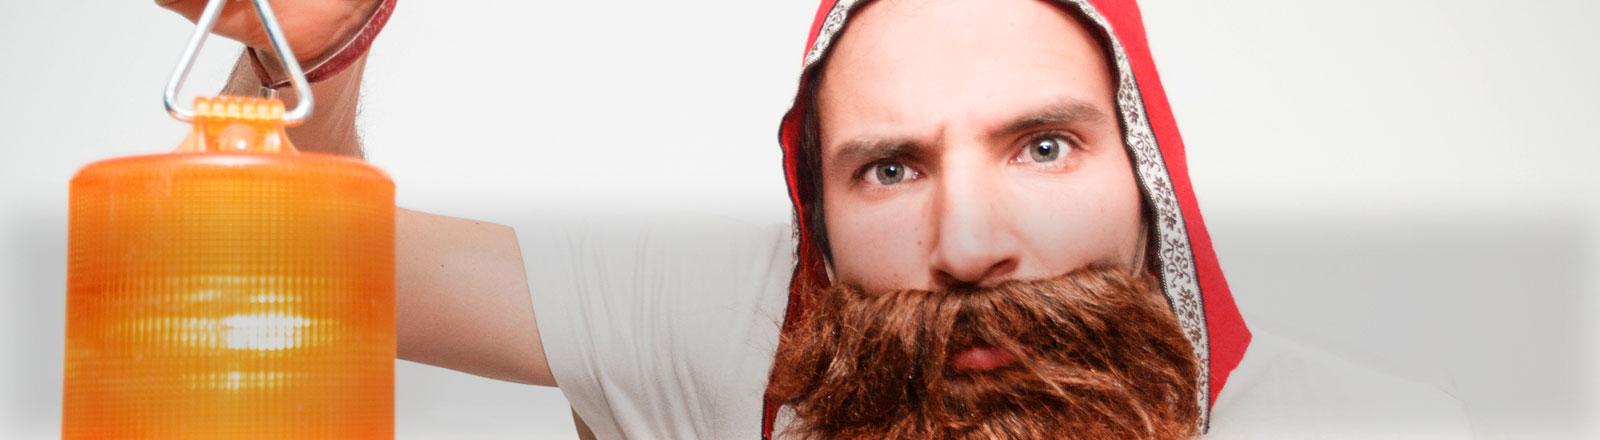 Ein Mann mit Bart hält eine Lampe hoch.